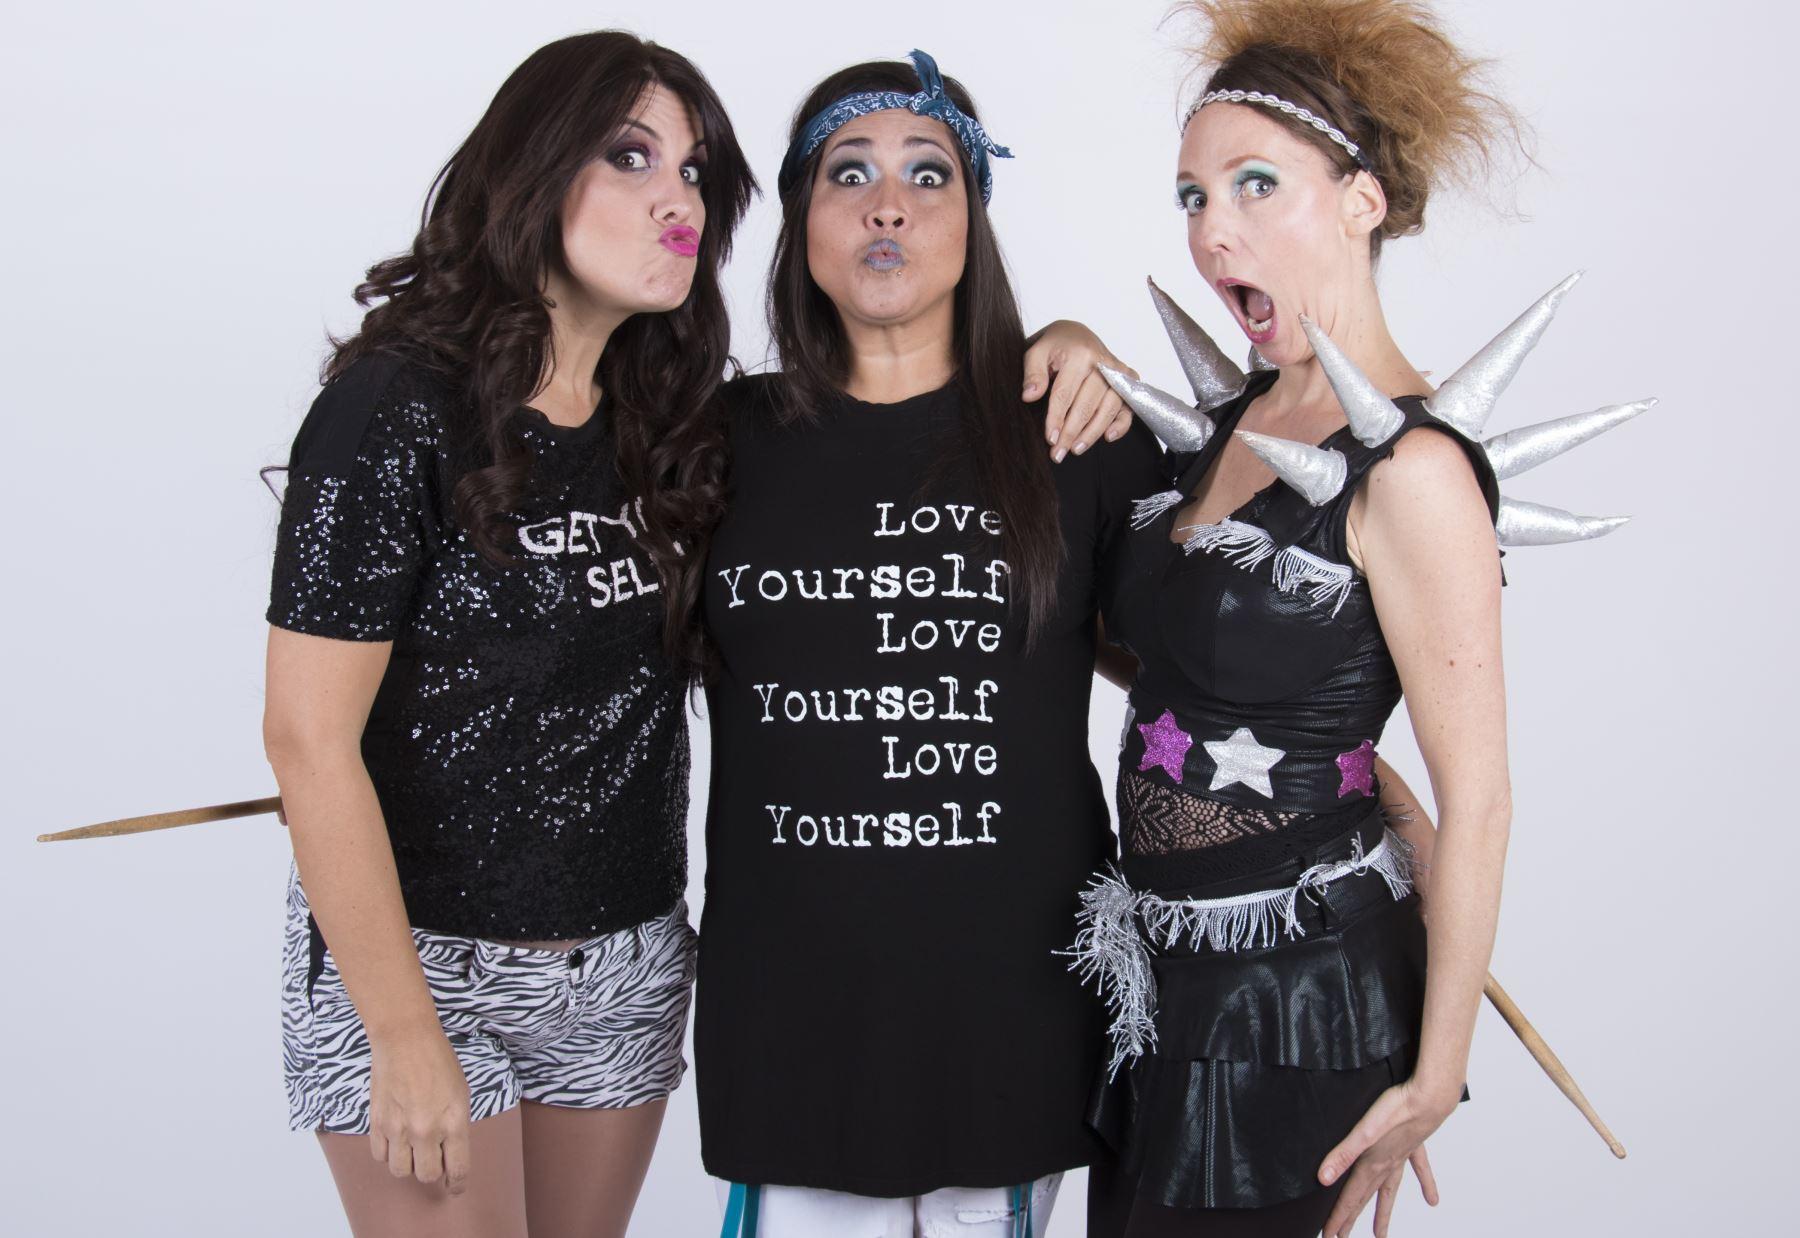 Patricia Portocarrero, Katia Palma y Saskia Bernaola juntas en Fiestas Patrias